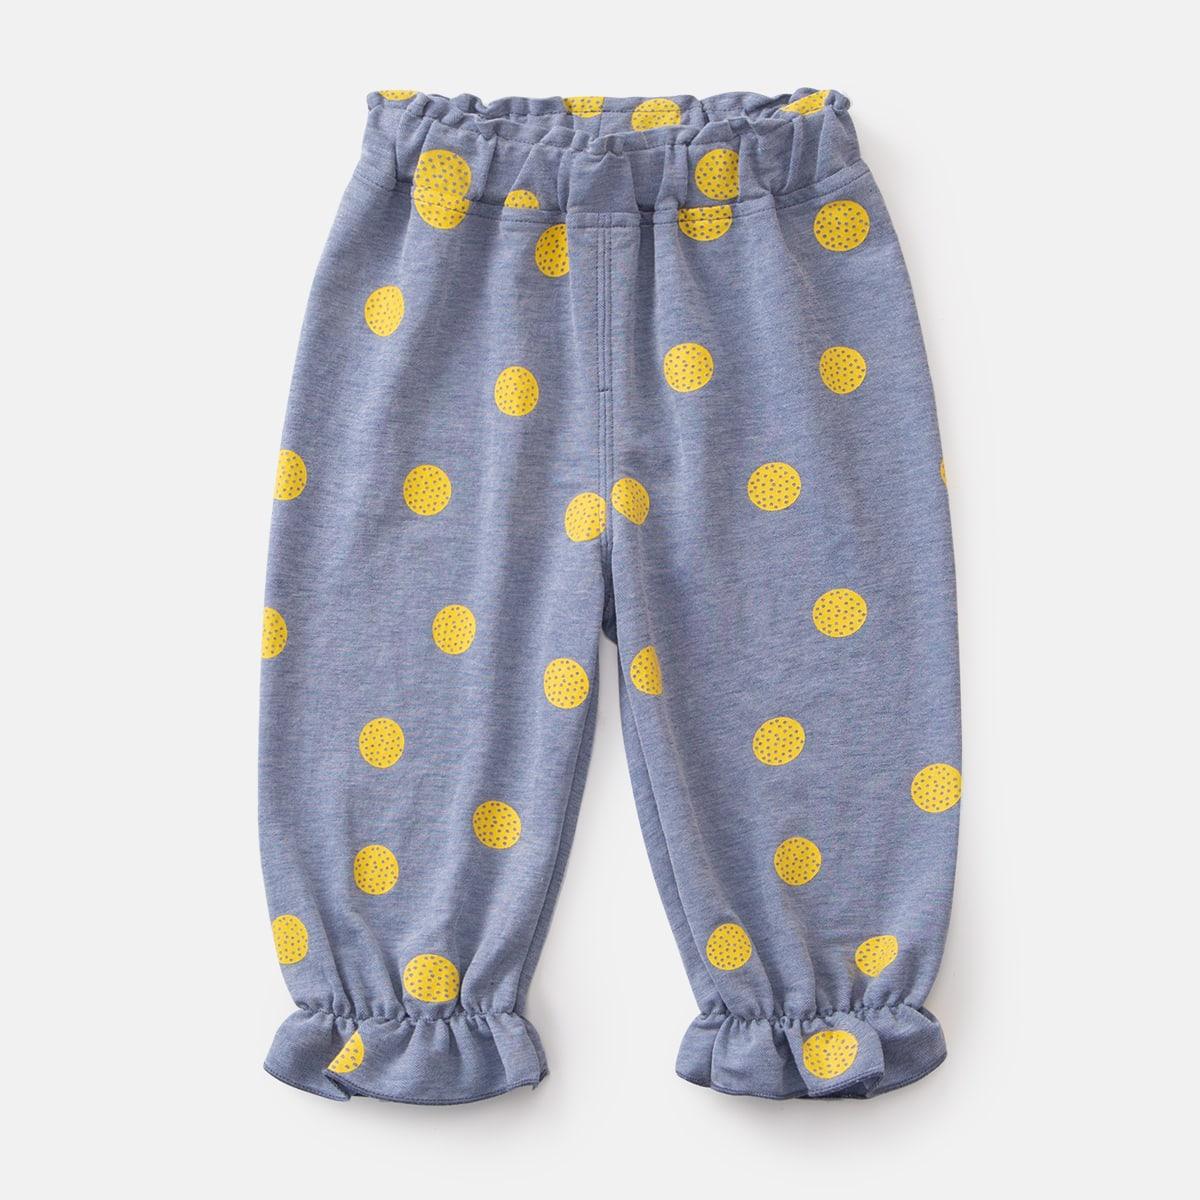 С оборками в горошёк милый брюки для маленьких девочек